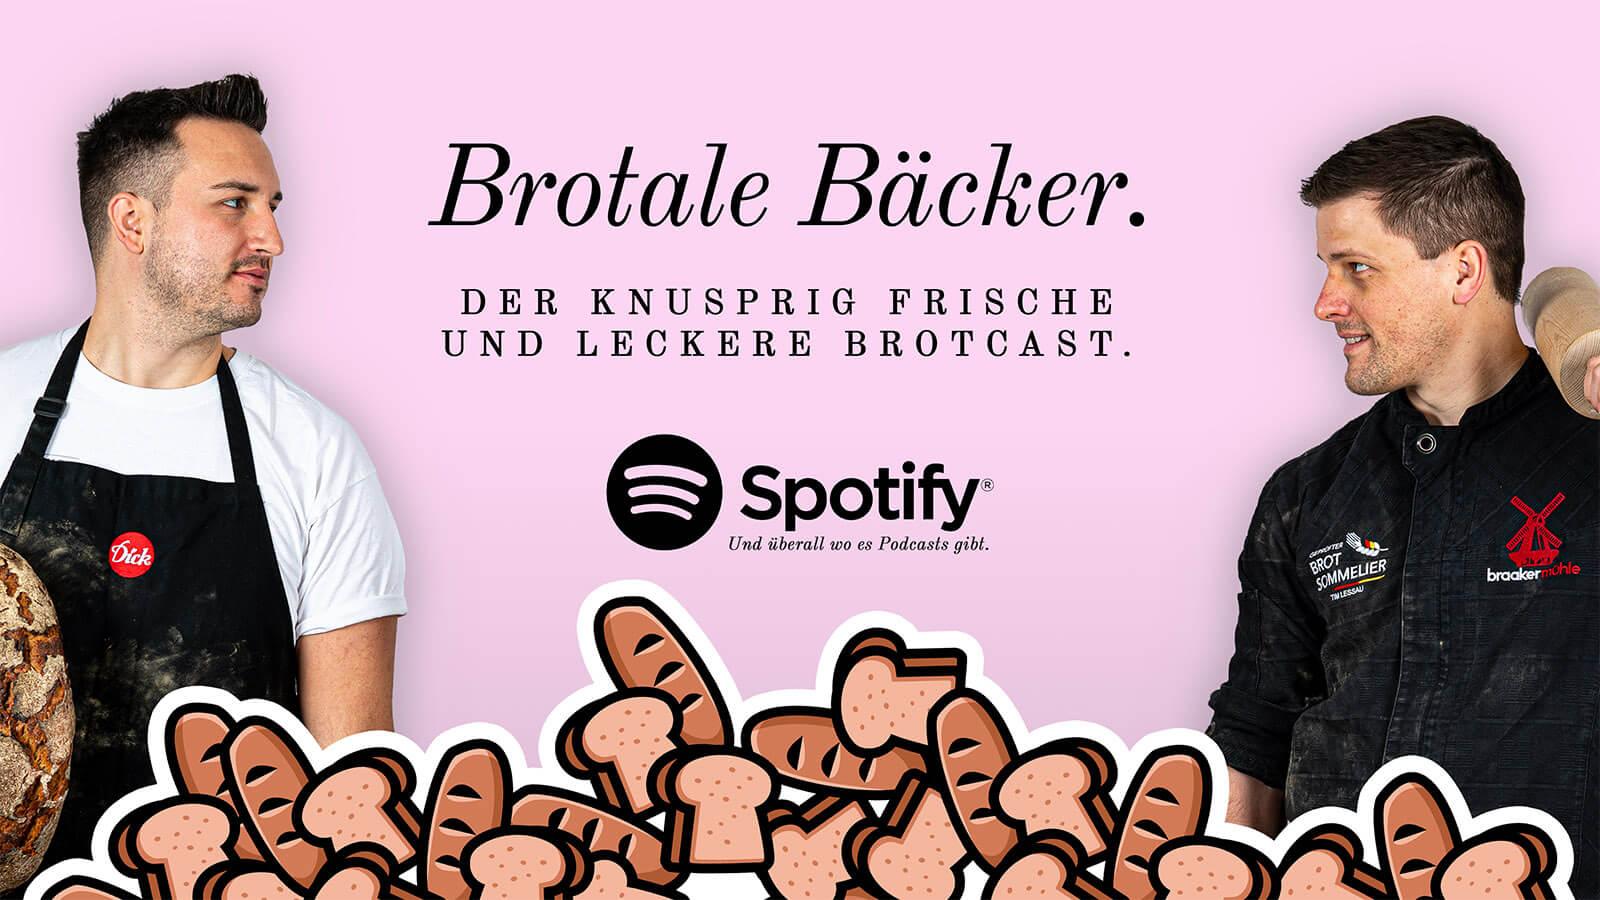 """Foto für Spotify Podcast """"Brotale Bäcker""""."""